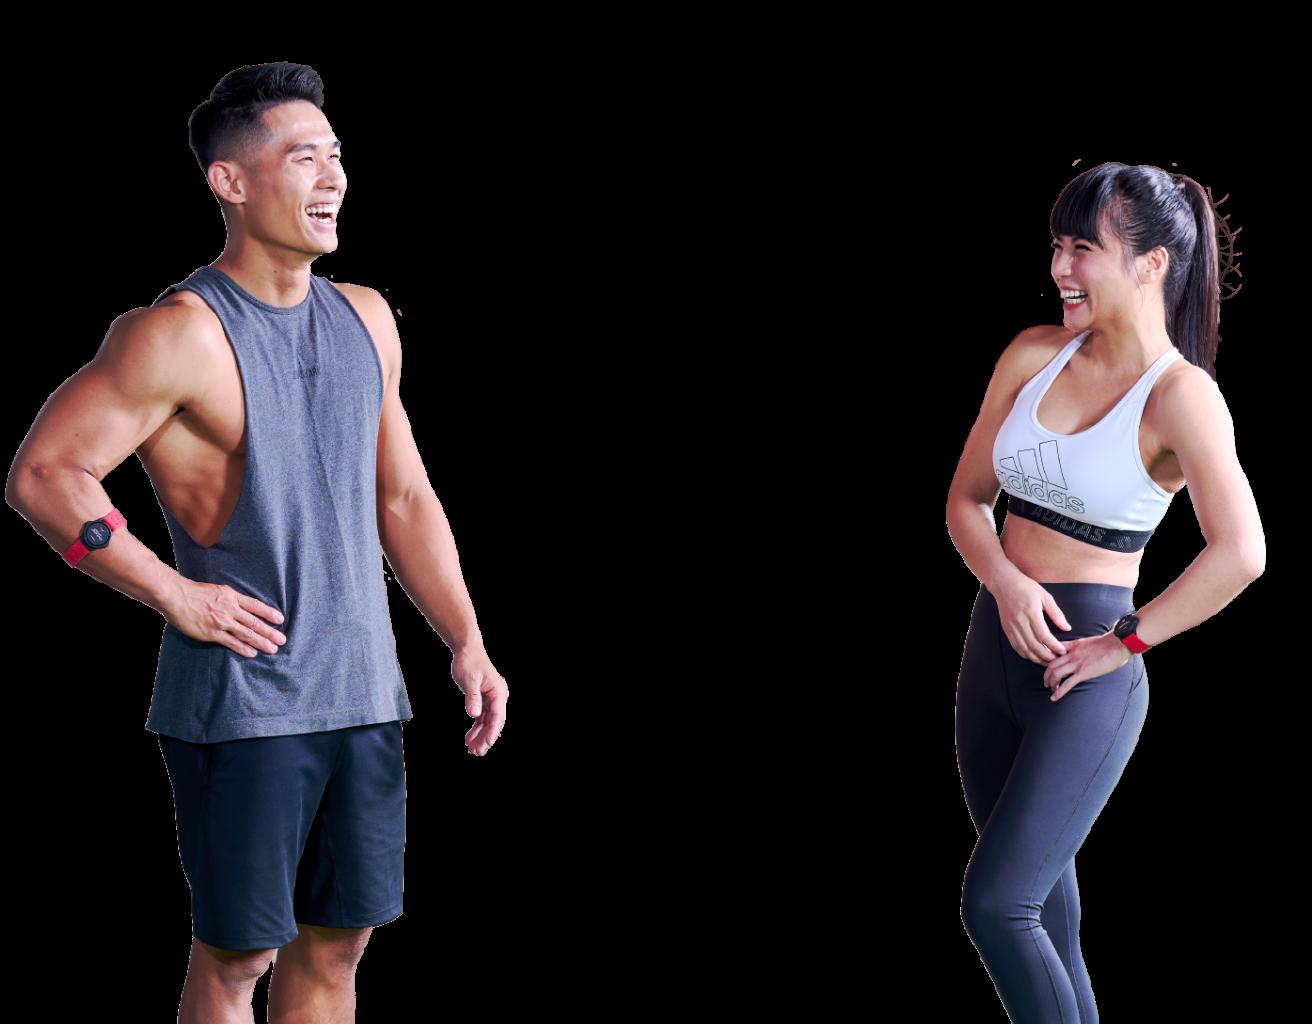 快速減肥不復胖,透過高強度間歇訓練產生後燃效應